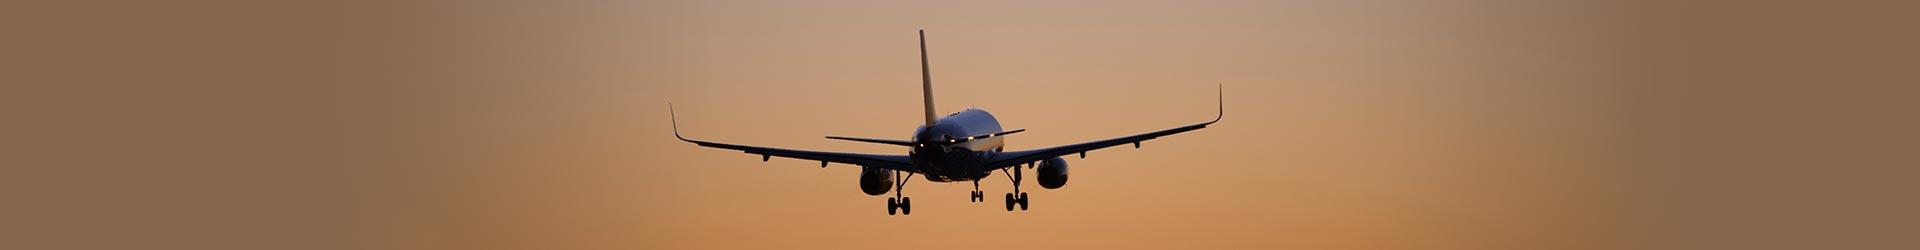 Aviacijai